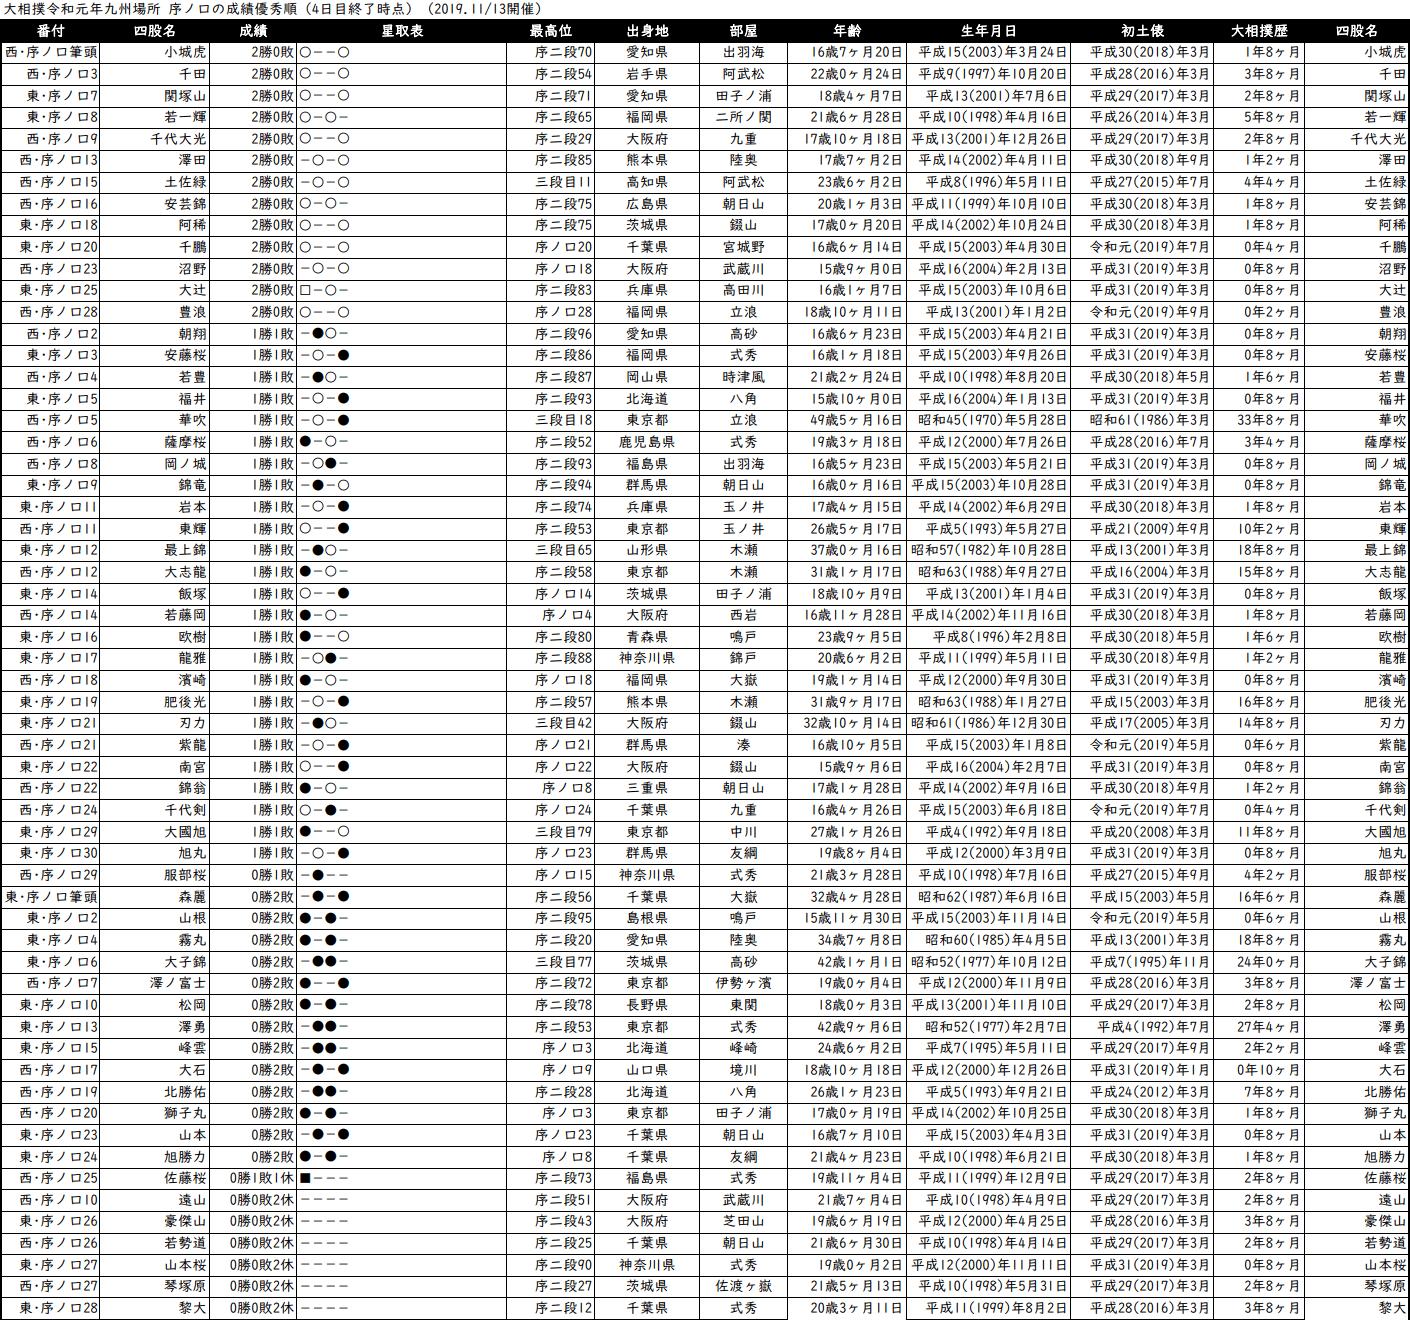 序ノ口成績順一覧表・2019年11月場所4日目